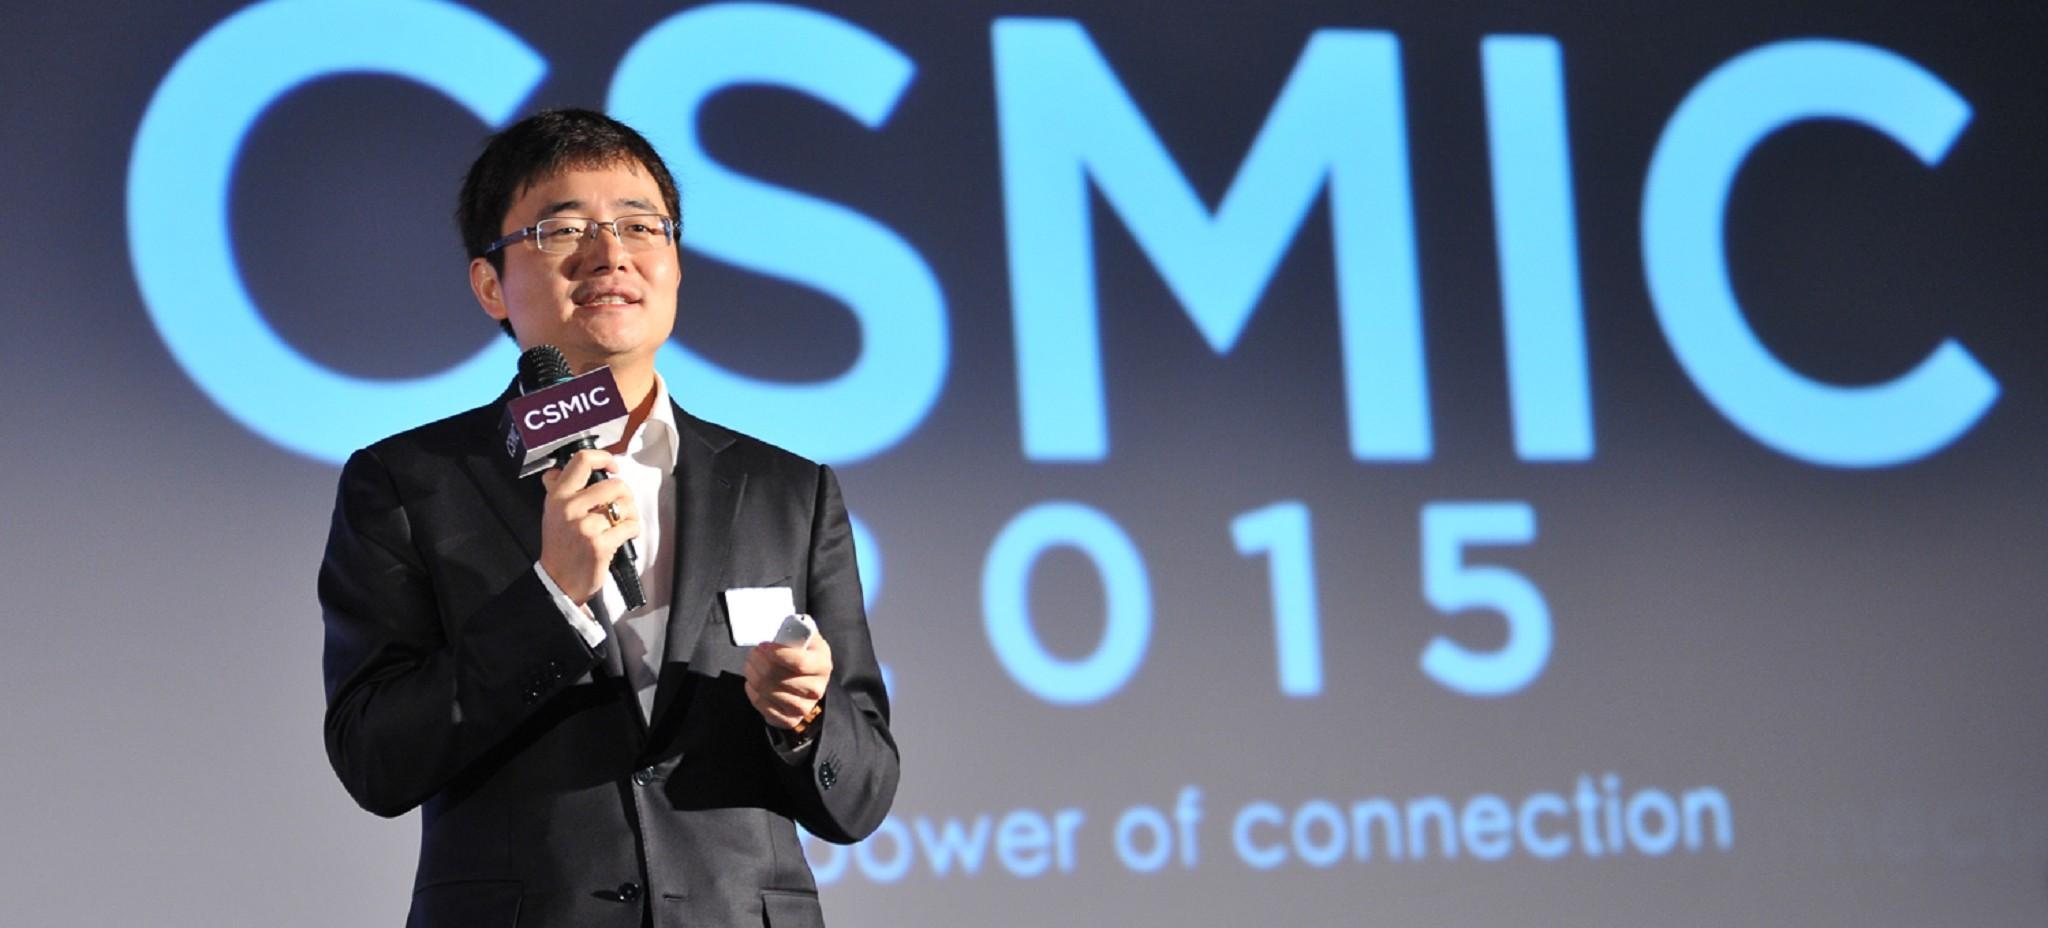 傅盛給台灣創業青年的一些想法